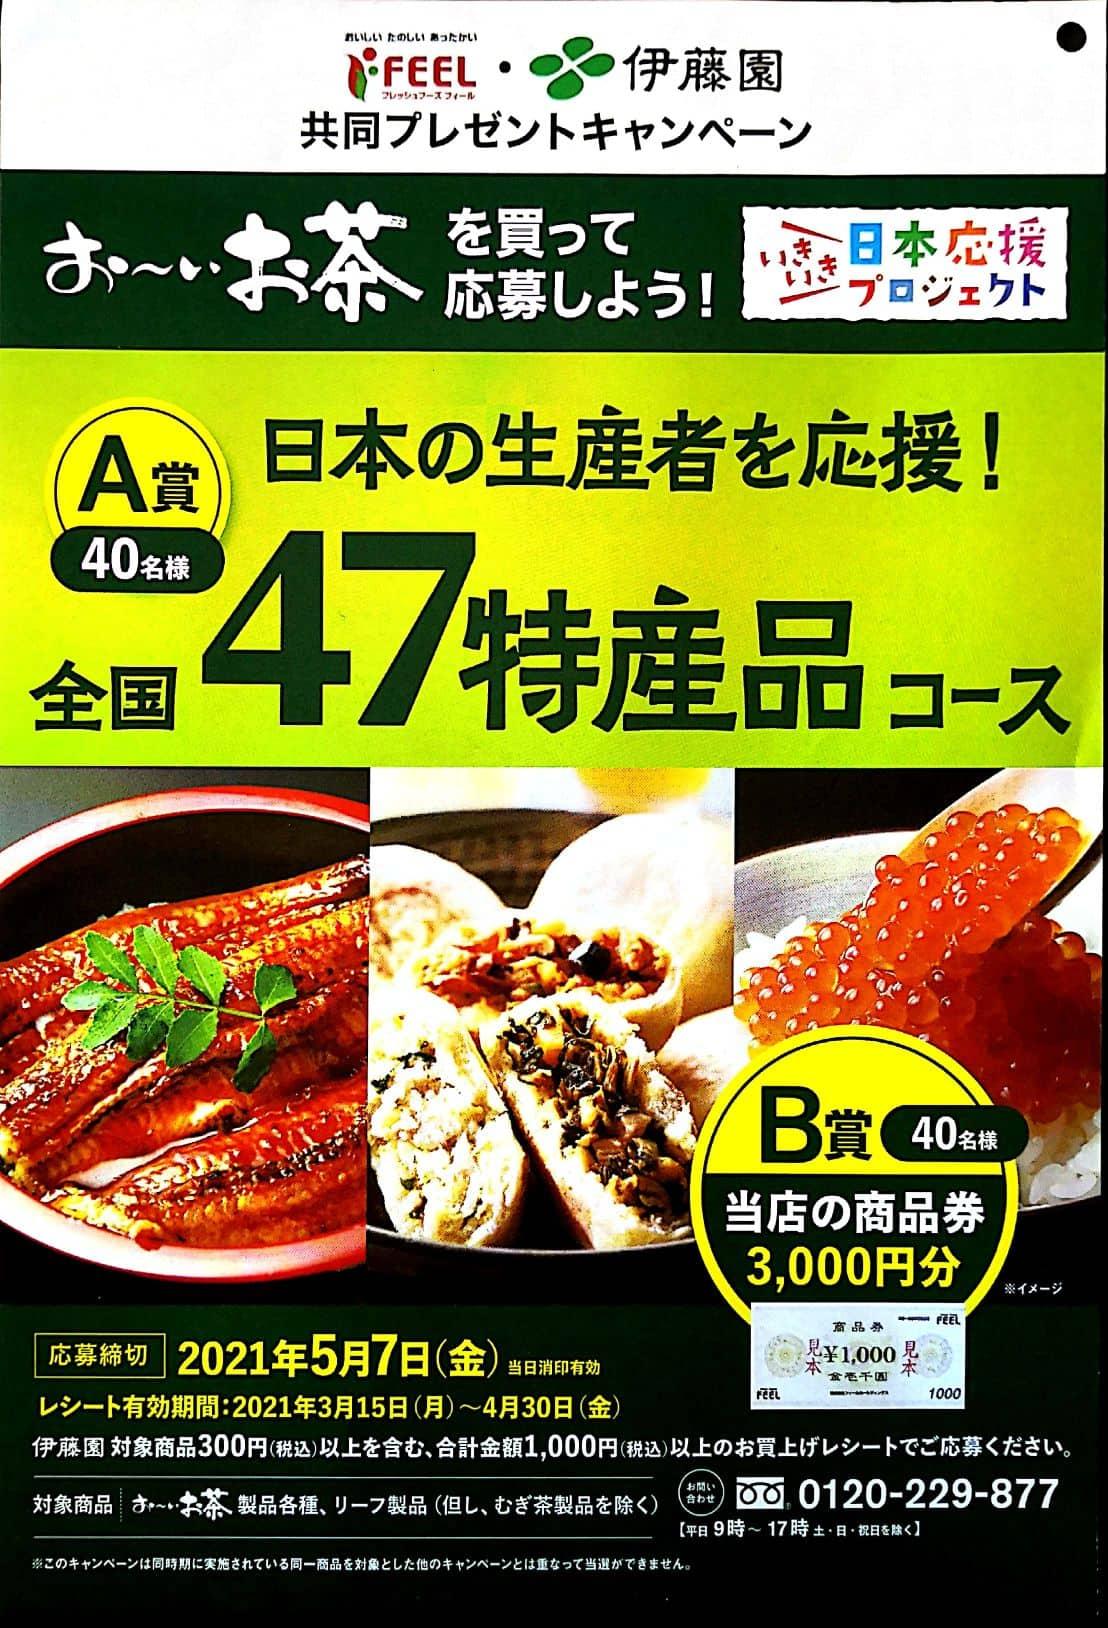 フィールキャンペーン 懸賞 伊藤園